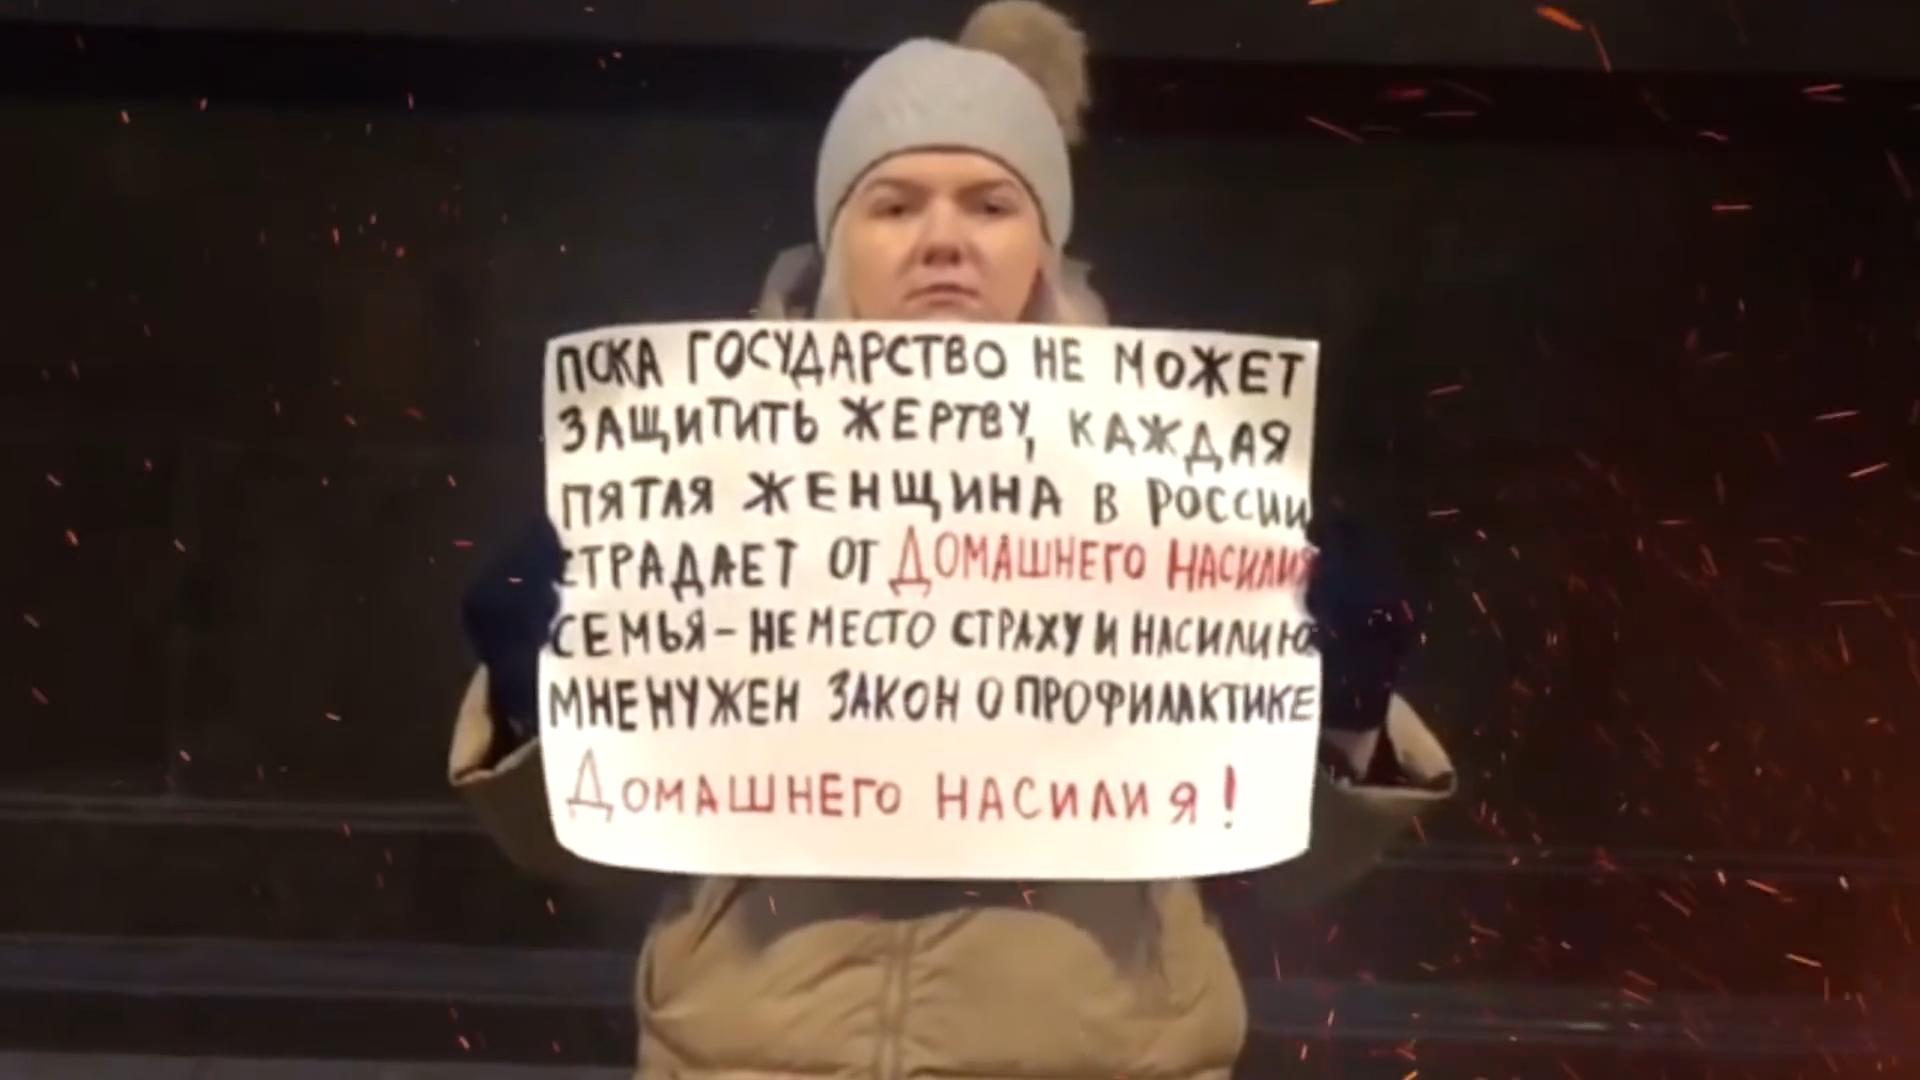 20191127-ЛОЖЬ (о) Законе о домашнем насилии  _ Алена Попова-pic11